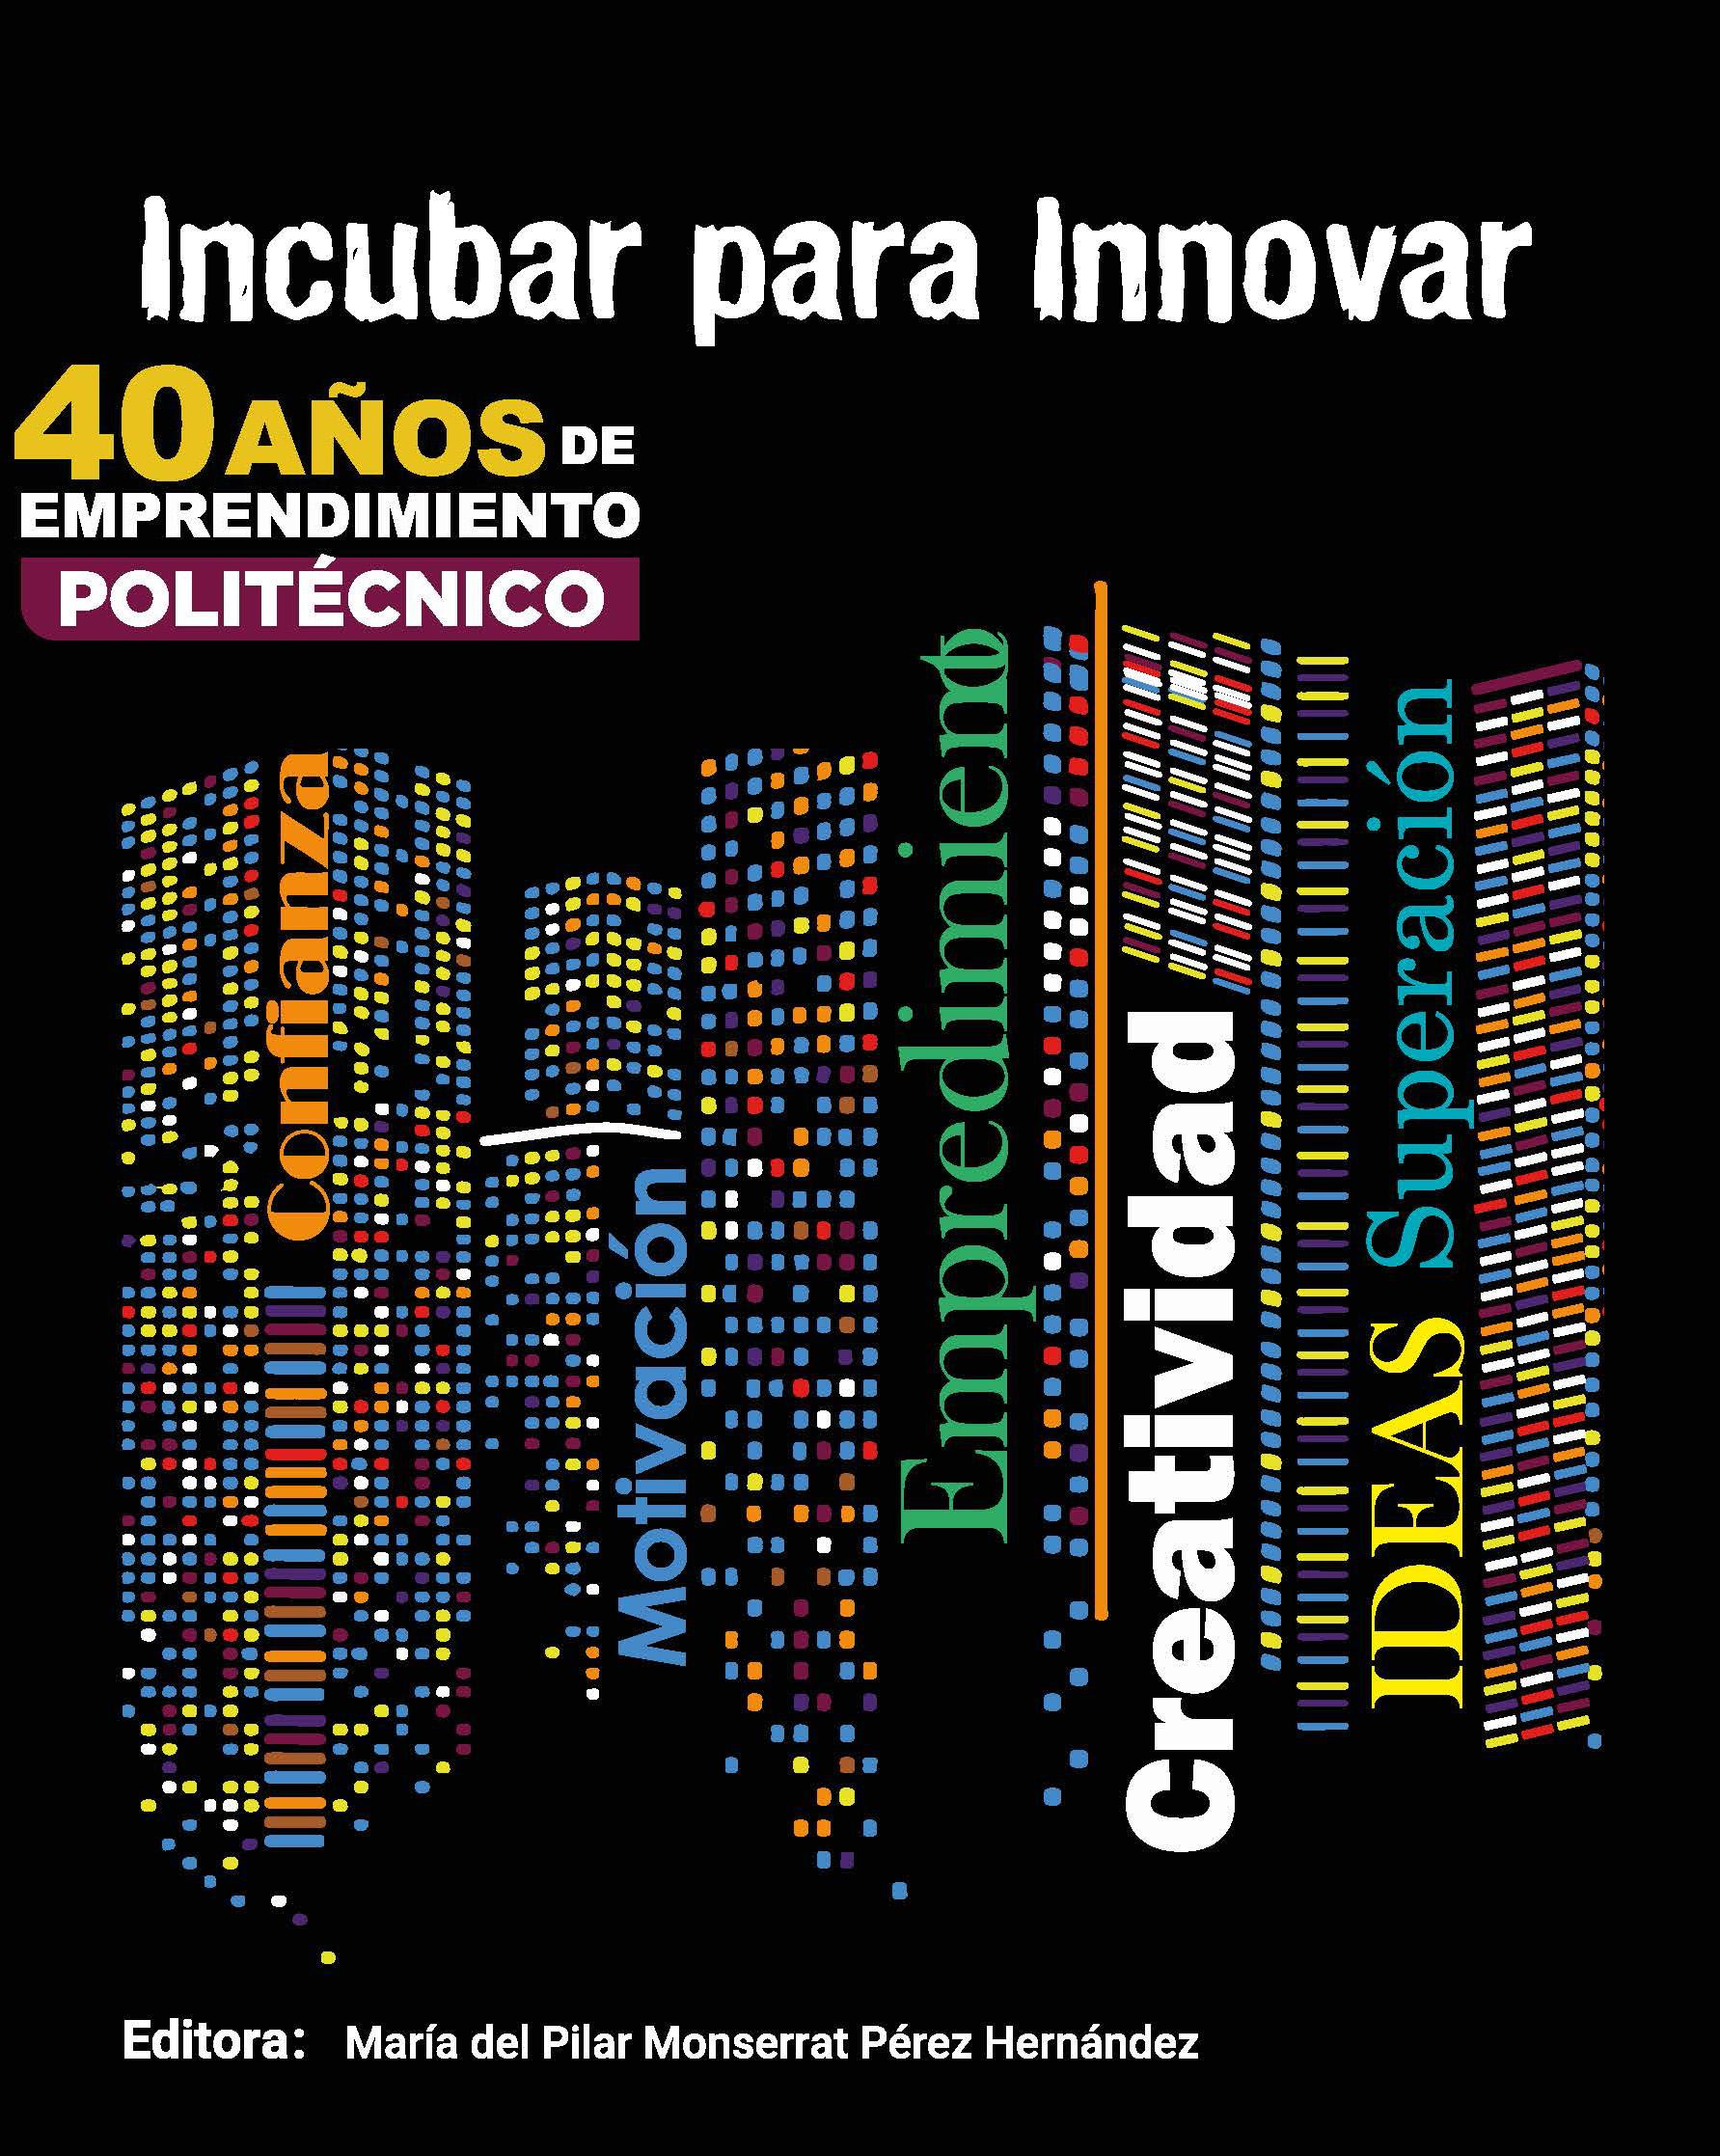 Incubar para innovar